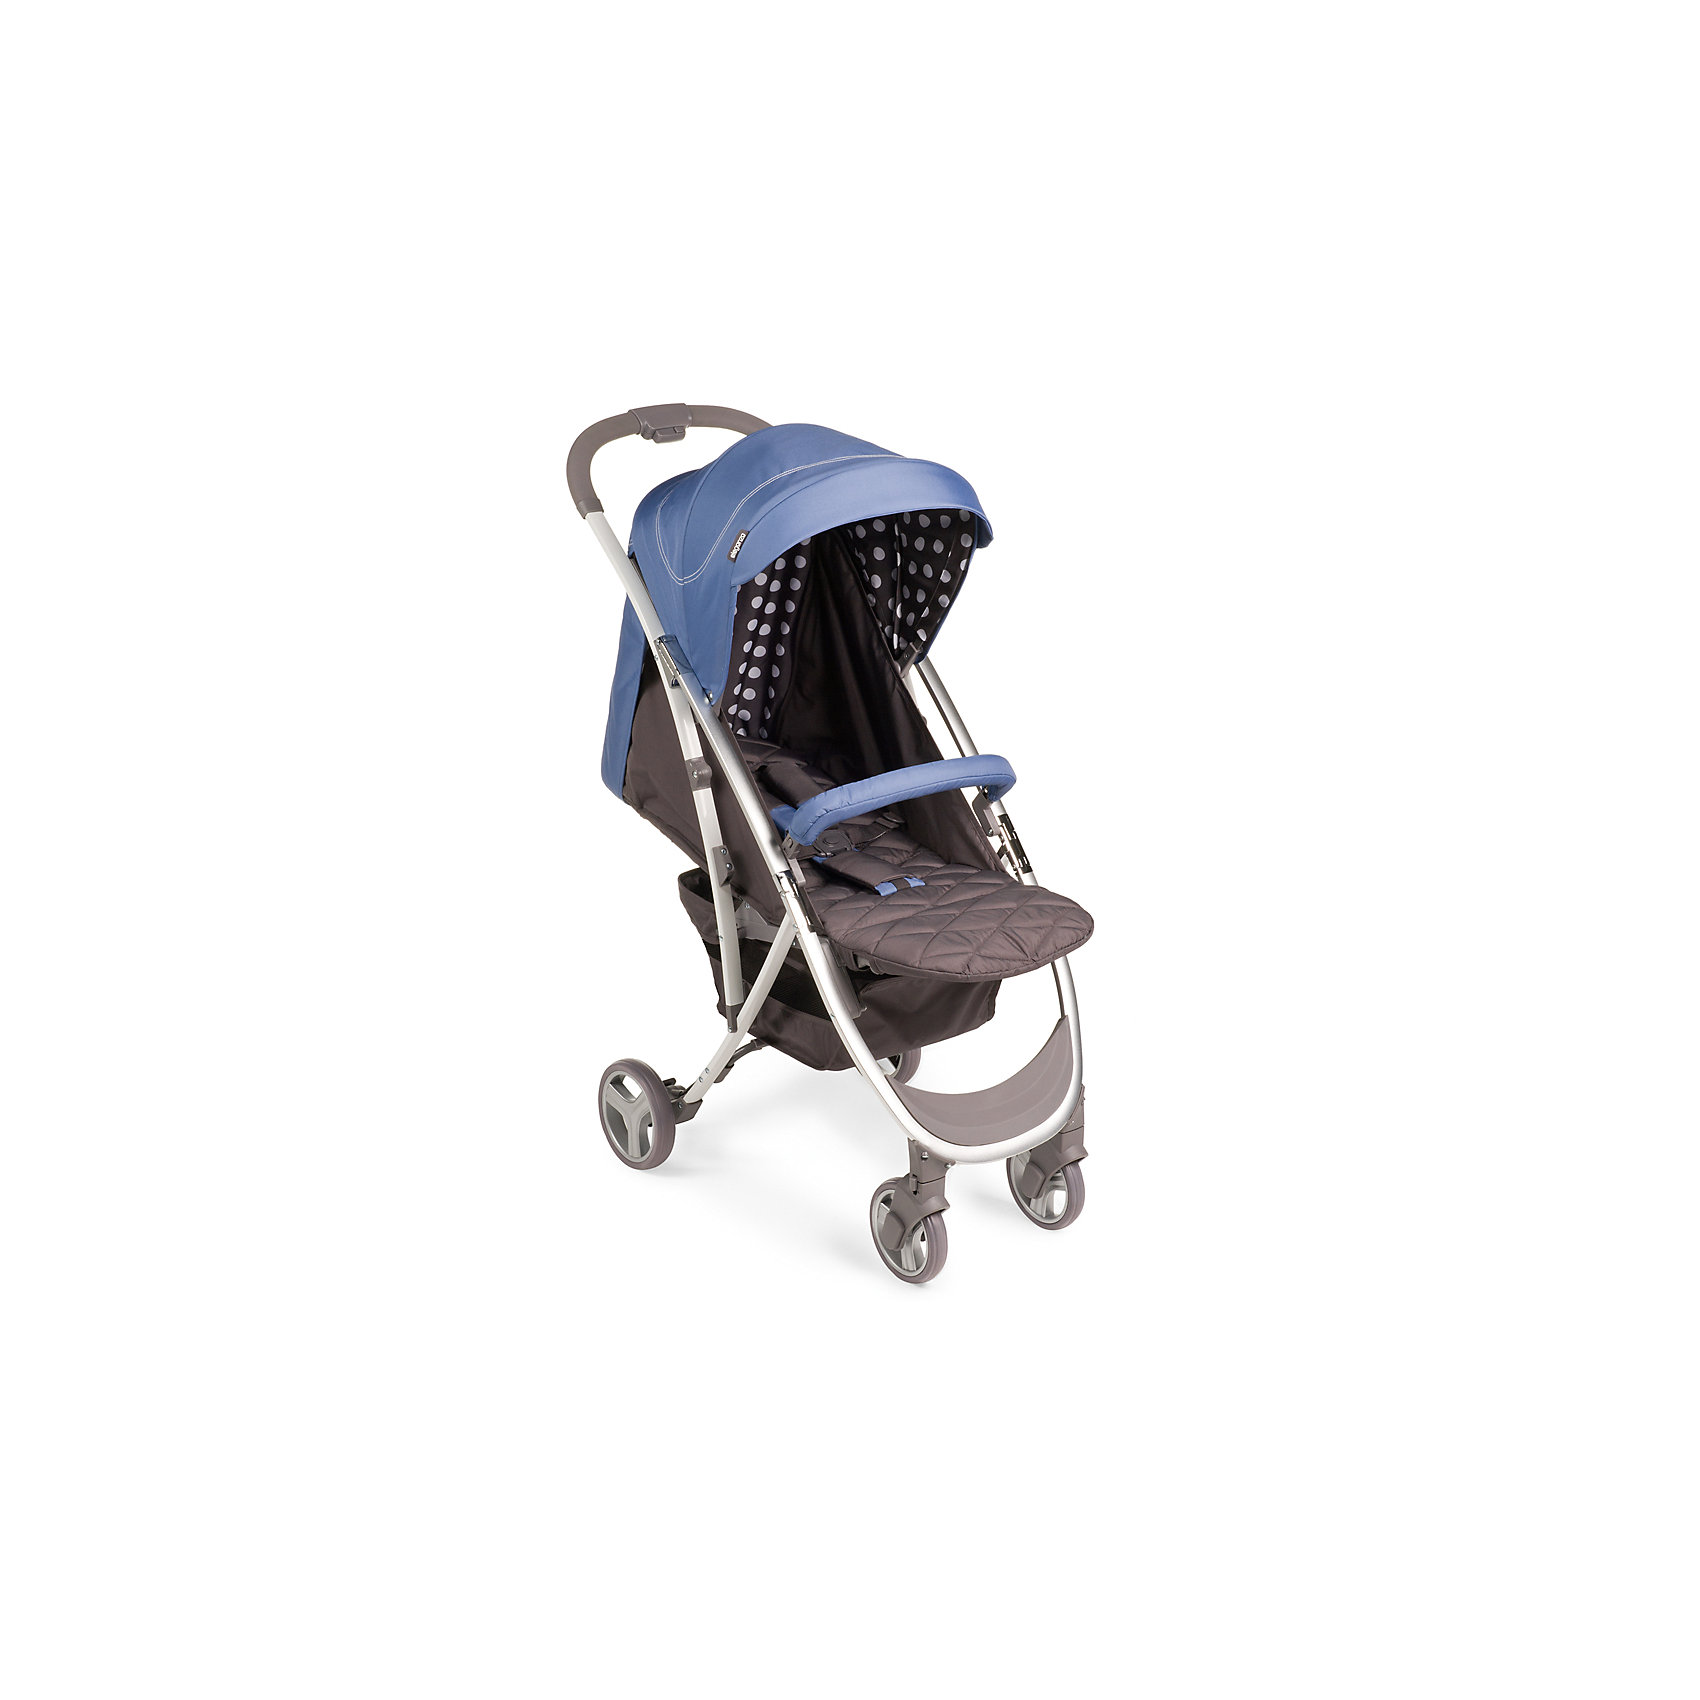 Прогулочная коляска Happy Baby Eleganza, синийПрогулочные коляски<br>Модель ELEGANZA объединяет в себе стиль и отличные ходовые данные, которые по достоинству оценят как владельцы коляски, так и окружающие. Коляска легко складывается одной рукой, имеет амортизацию на передних и задних колесах и занимает мало места в сложенном виде. При весе всего 7,7 кг коляска ELEGANZA имеет съемный бампер, козырек с окошком, регулируемую спинку. Комплектуется дождевиком, чехлом на ножки, москитной сеткой и корзиной.   <br><br>Дополнительная информация:<br><br>Максимальный вес ребенка: 15 кг<br>Длина спинки: 45см<br>Ширина сиденья: 34 см<br>Глубина сиденья: 22 см<br>Длина спального места: 86 см<br>Кол-во положений спинки: 3<br>Углы наклона спинки: 100, 120, 170<br>Подножка регулируется: 2 положения<br>Ширина колесной базы: 50 см<br>Передние поворотные колеса (360°) с возможностью фиксации <br>Задние колеса оснащены тормозным механизмом<br>Амортизация передних и задних колес<br>Cскладывается одной рукой<br>Съемный бампер                                 <br>В сложенном виде занимает мало места                                                                                   <br>Капюшон со смотровым окошком  <br>Вместительная корзина для покупок<br>Тип складывания: книжка<br>Вес коляски: 7,7 кг<br>Пятиточечные ремни безопасности с мягкими накладками<br>Колеса: пластиковые с покрытием EVA (этиленвинилацетат)<br>Диаметр колес: передние — 15,2 см, задние — 17,8 см<br>Удобная тормозная педаль<br>В комплекте: дождевик, чехол на ножки, москитная сетка<br>Материал:<br>Рама: металл, пластик<br>Тканные материалы: 100 % полиэстер<br><br><br>Прогулочную коляску Eleganza, Happy Baby, синий можно купить в нашем магазине.<br><br>Ширина мм: 250<br>Глубина мм: 445<br>Высота мм: 700<br>Вес г: 8900<br>Цвет: синий<br>Возраст от месяцев: 7<br>Возраст до месяцев: 36<br>Пол: Унисекс<br>Возраст: Детский<br>SKU: 4580596